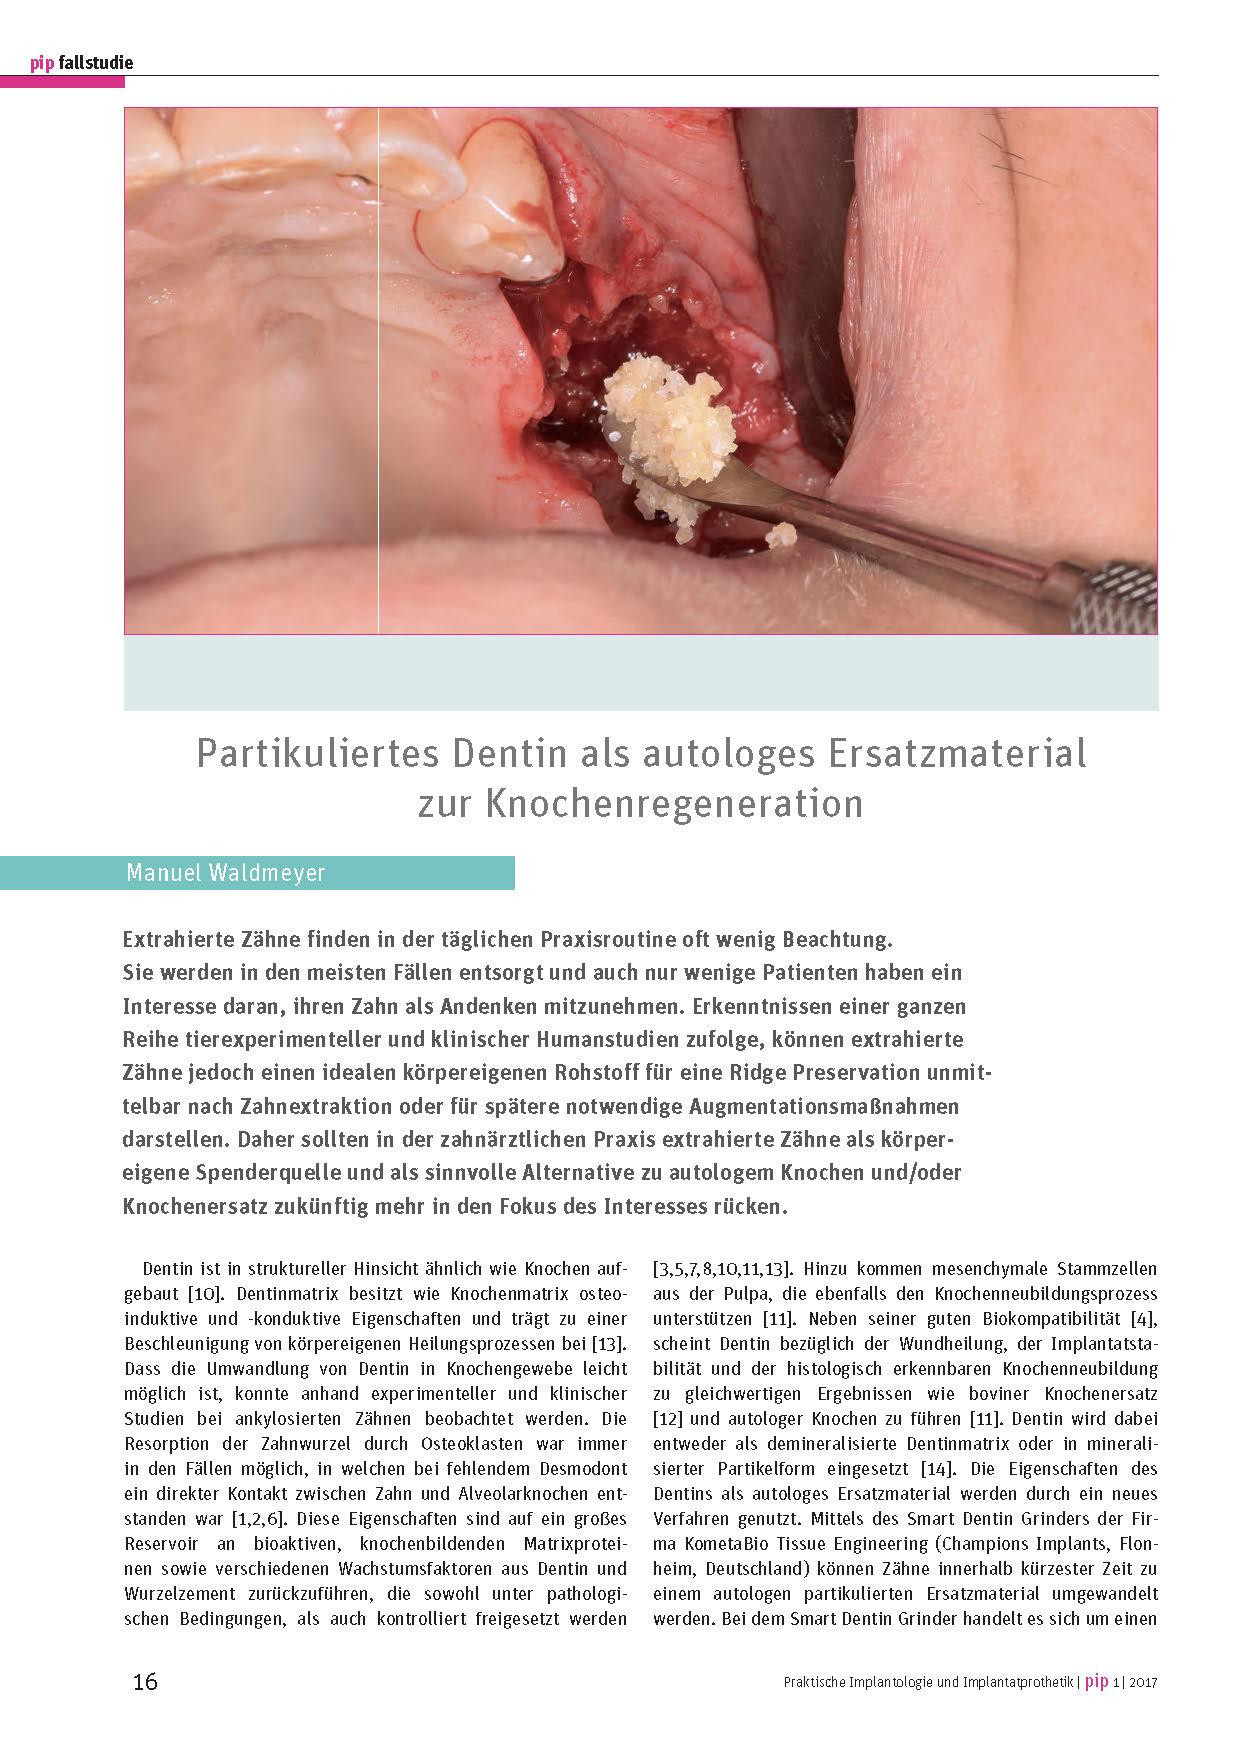 PIP Fallstudie Manuel Waldmeyer - Partikuliertes Dentin als autologes Ersatzmaterial zur Knochenregeneration